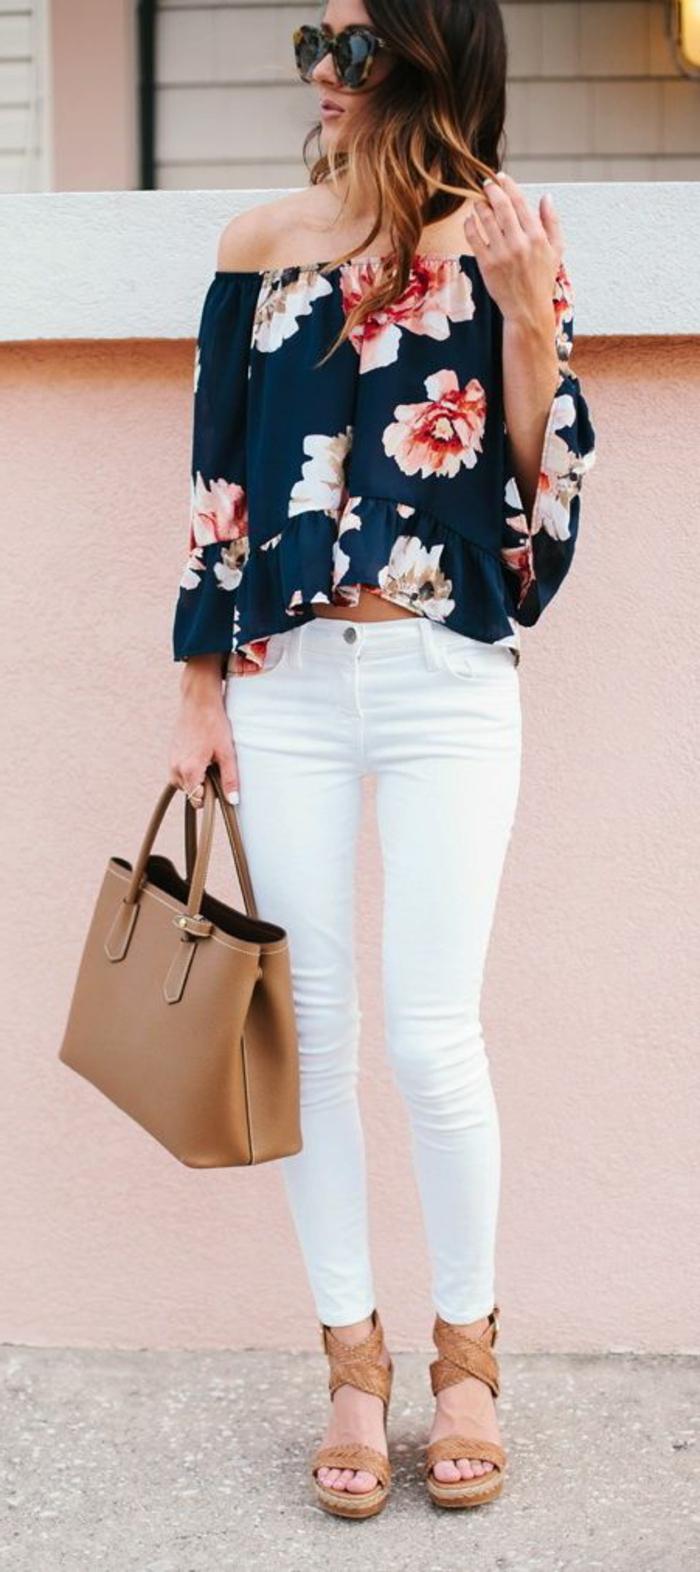 dress code smart casual frau beige tasche und sandalen lockige haare bunte bluse blumen